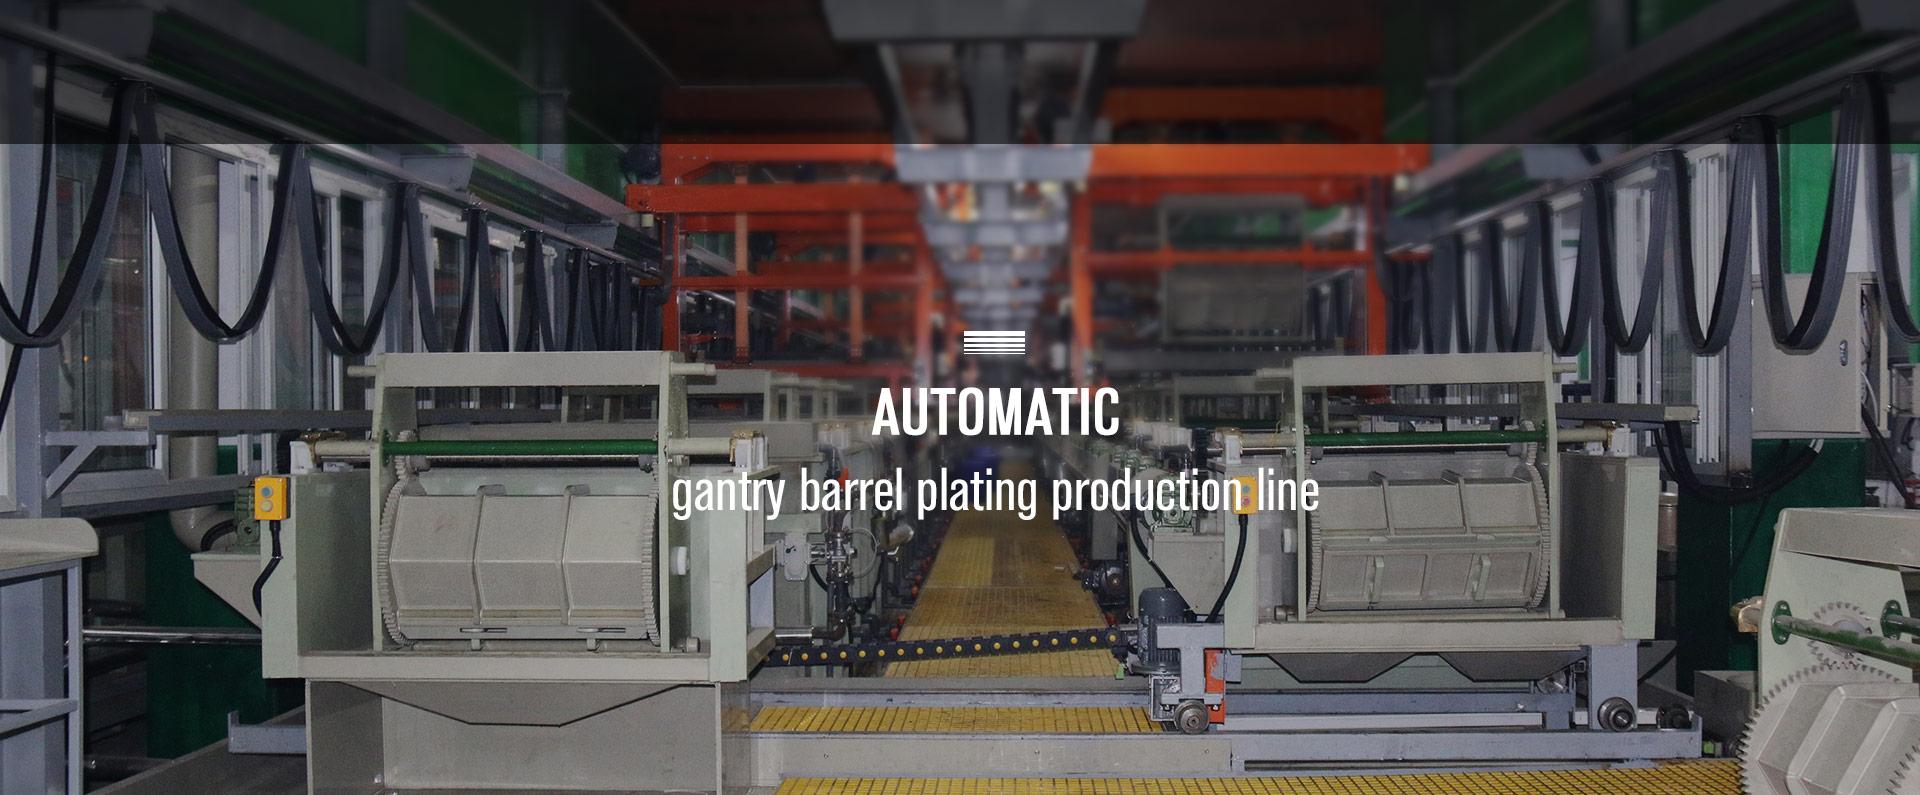 automatic-gantry-barrel